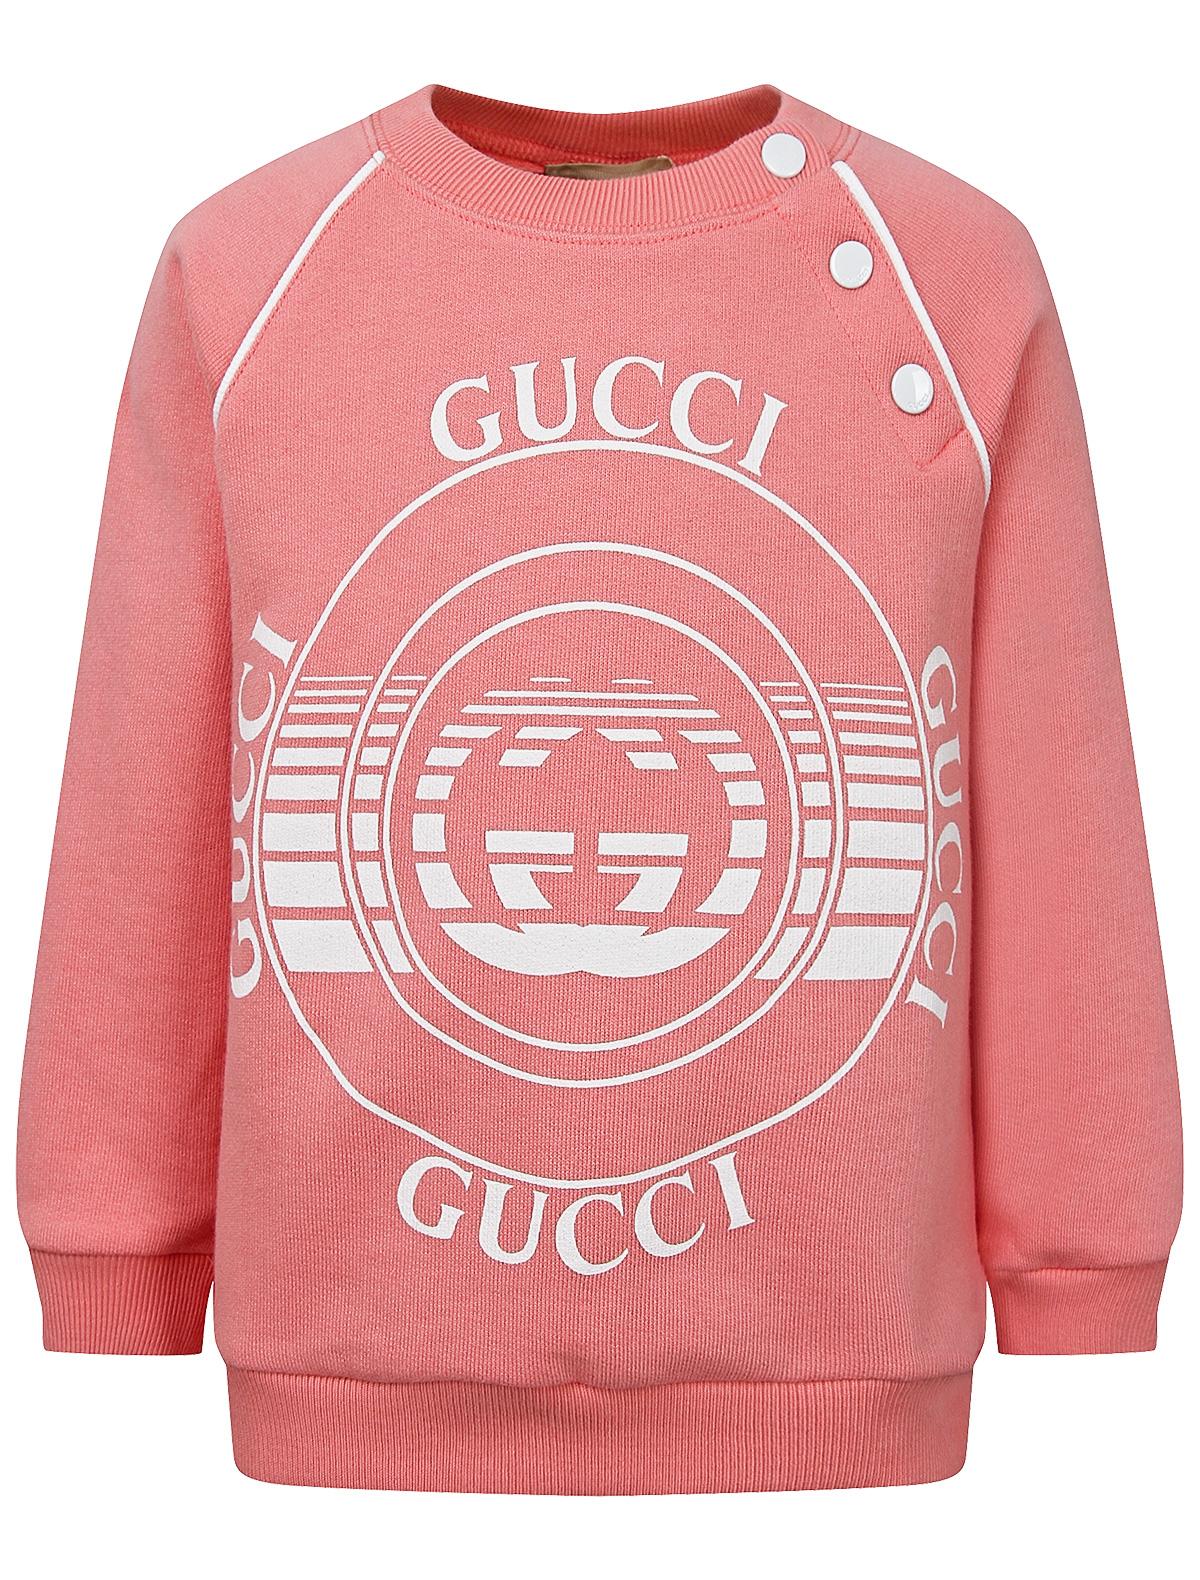 Купить 2296580, Свитшот GUCCI, розовый, Женский, 0084509172819